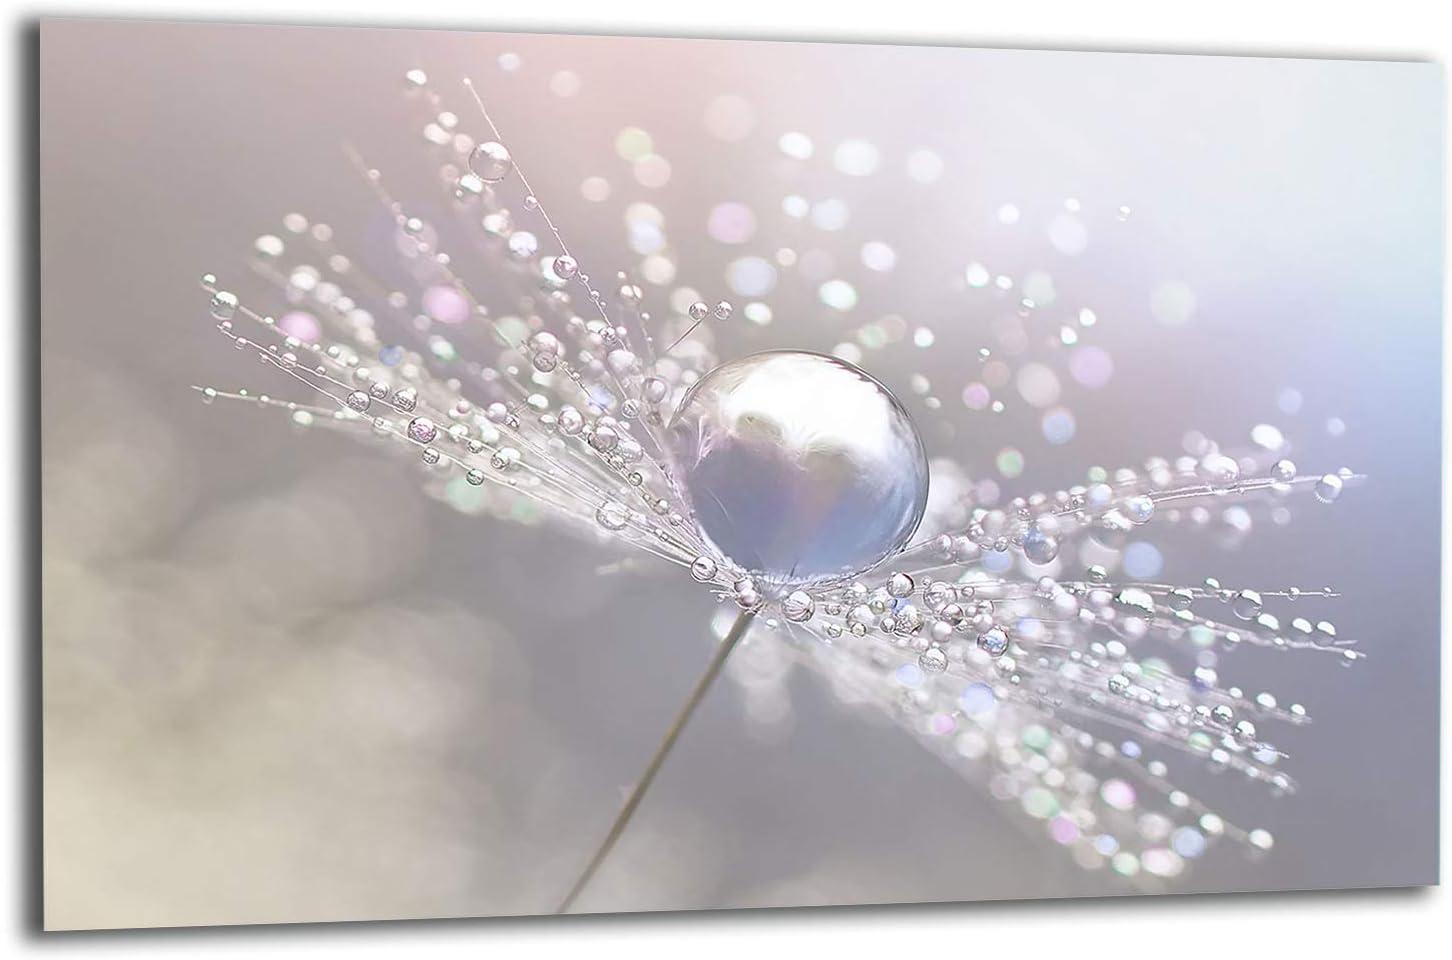 80 x 52 cm 1 pezzo universale per piastre di cottura protezione antischizzo decorazione Bianco Fiore Piastra di copertura per piano cottura a induzione TMK tagliere in vetro temprato